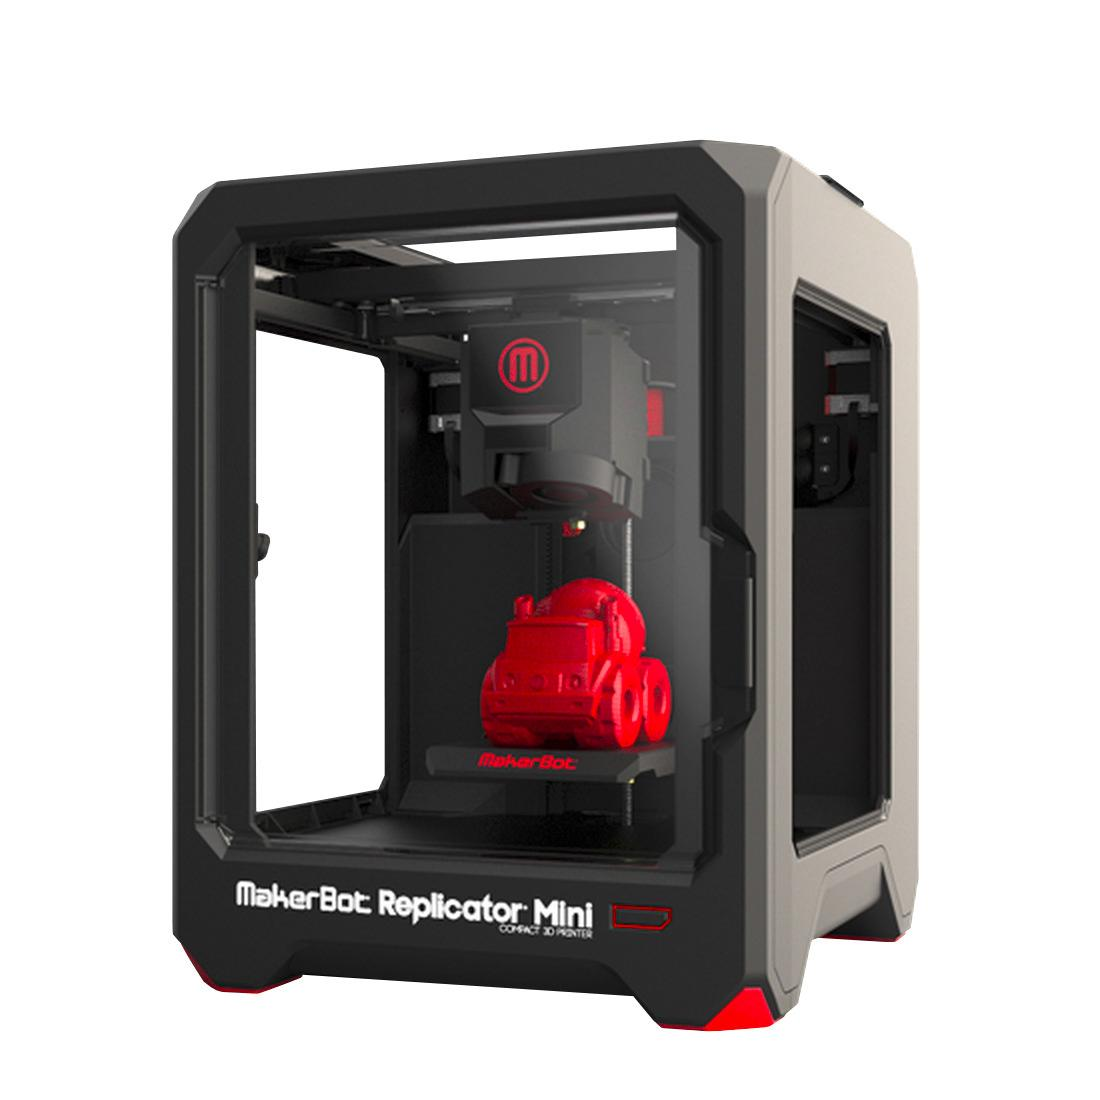 3d printer makerbot replicator mini